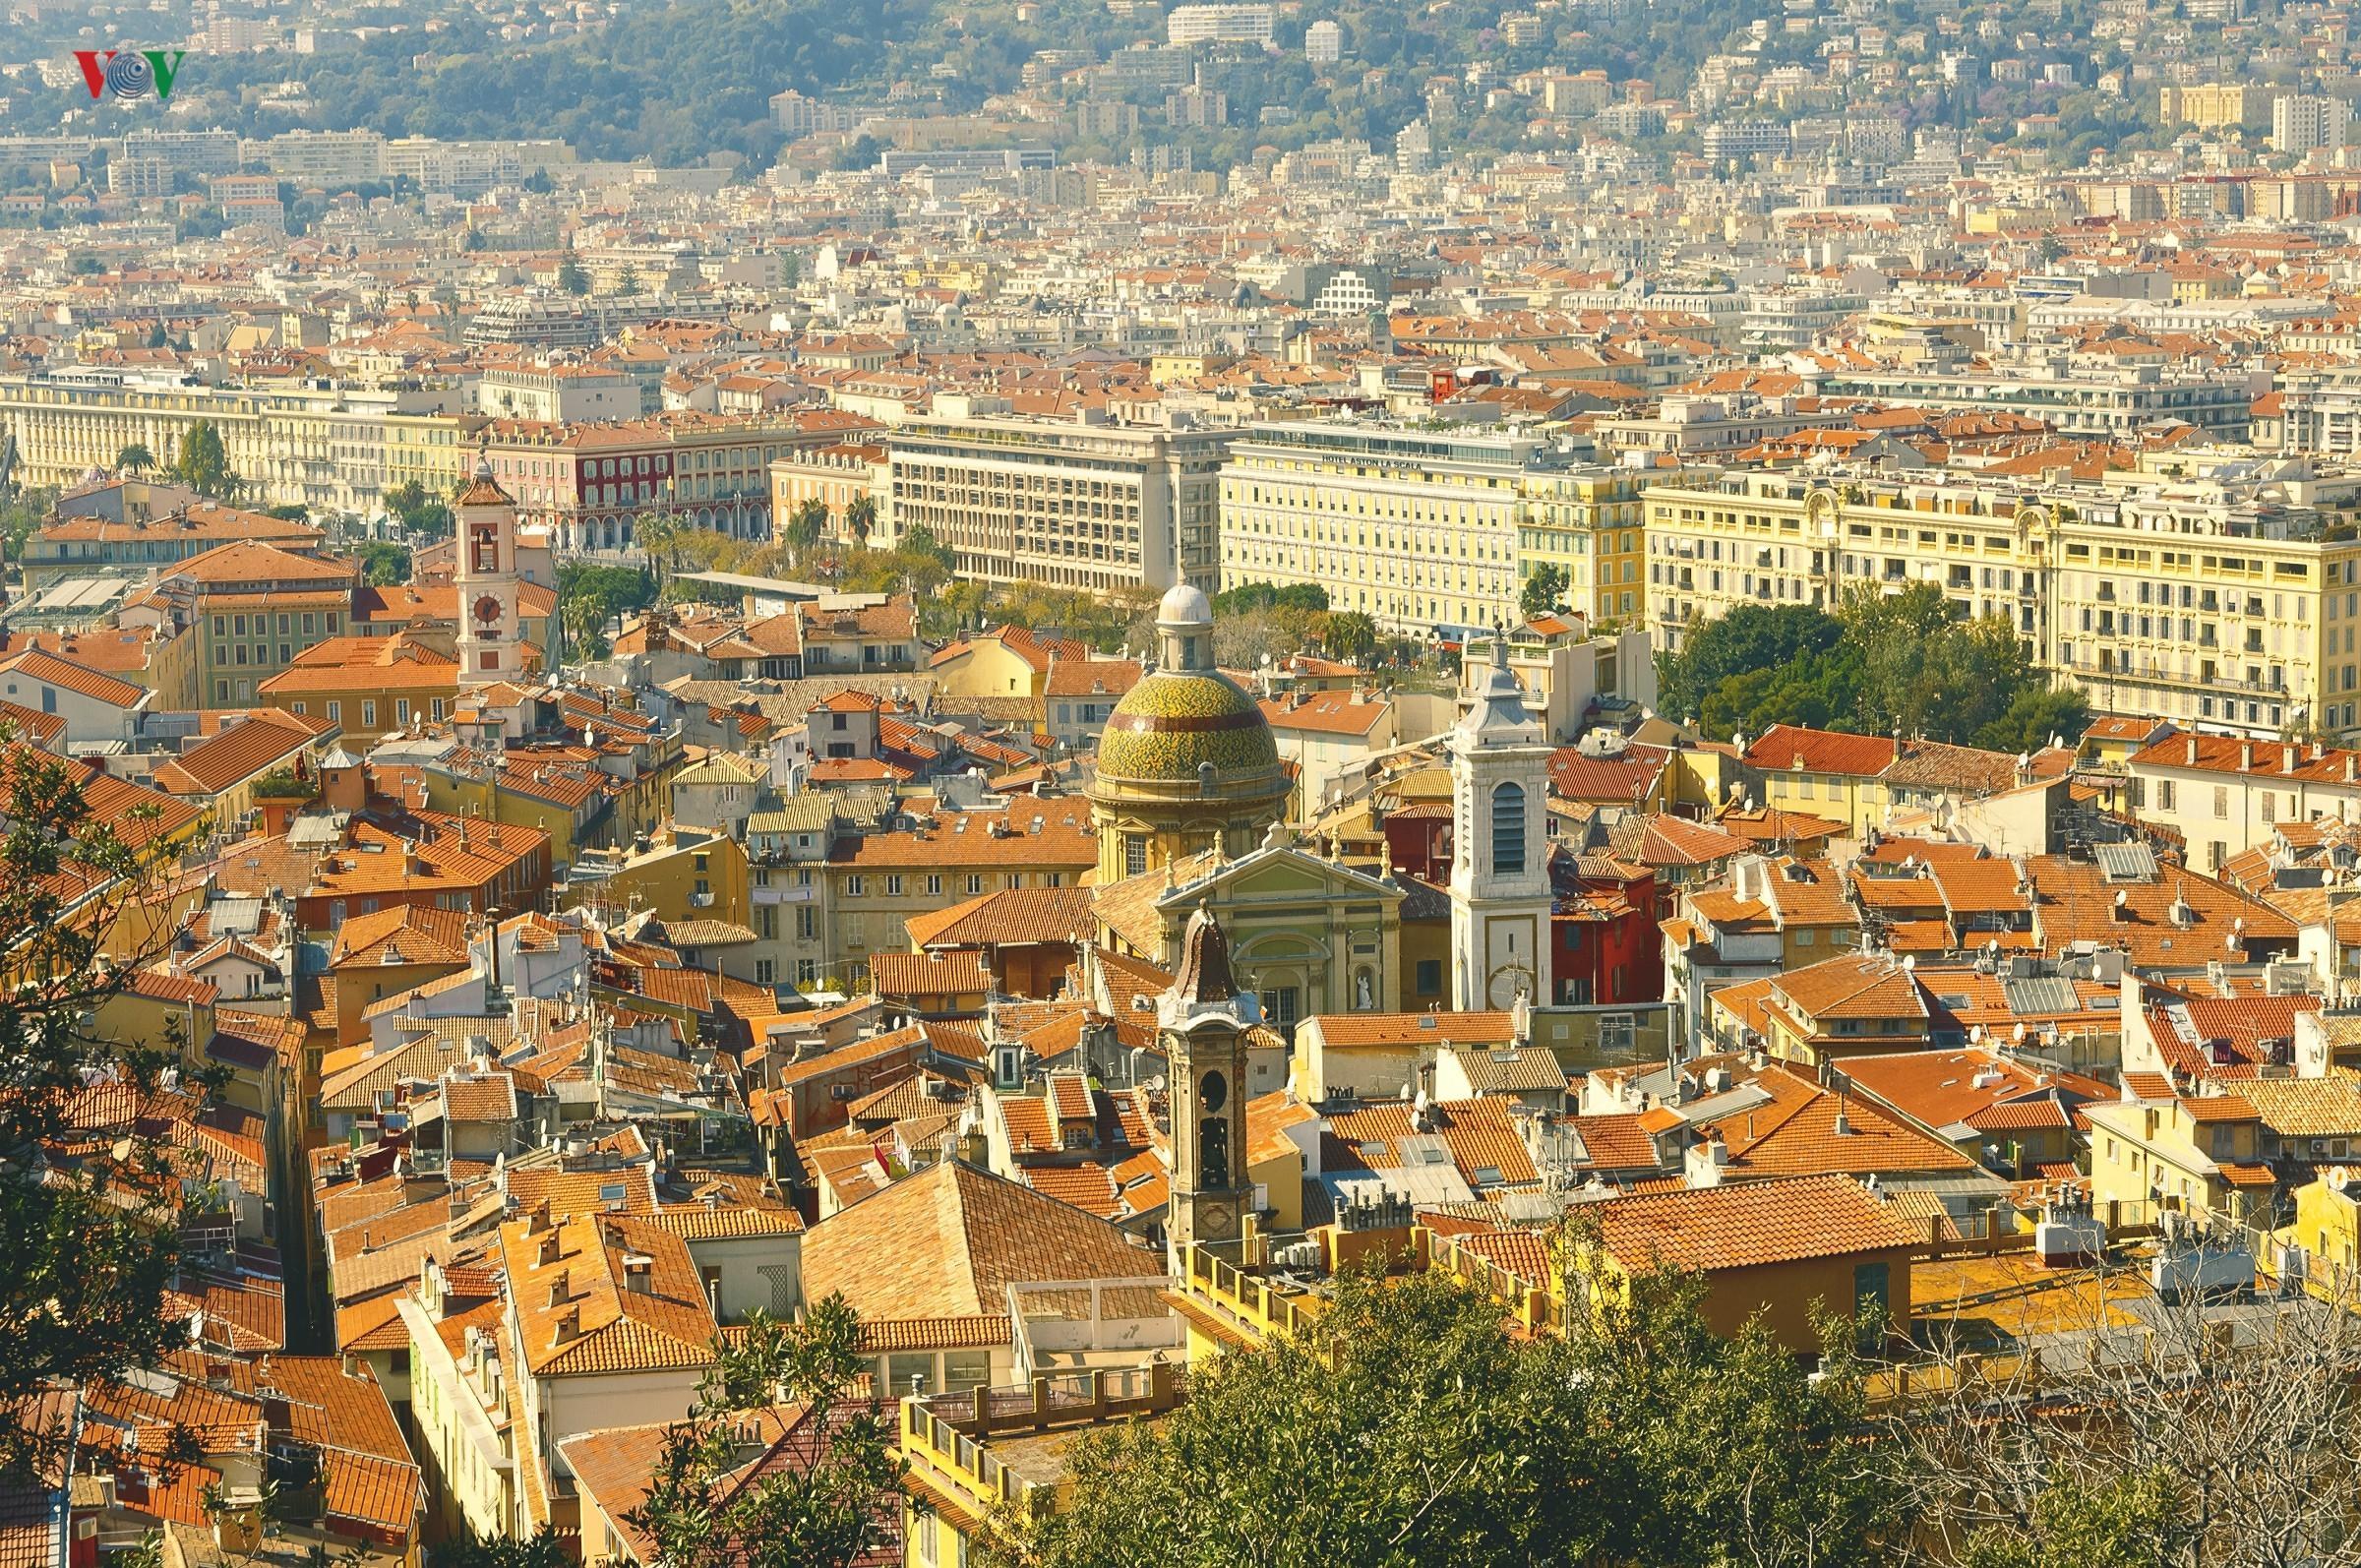 Khám phá Nice - thành phố biển quyến rũ nhất Địa Trung Hải Ảnh 11